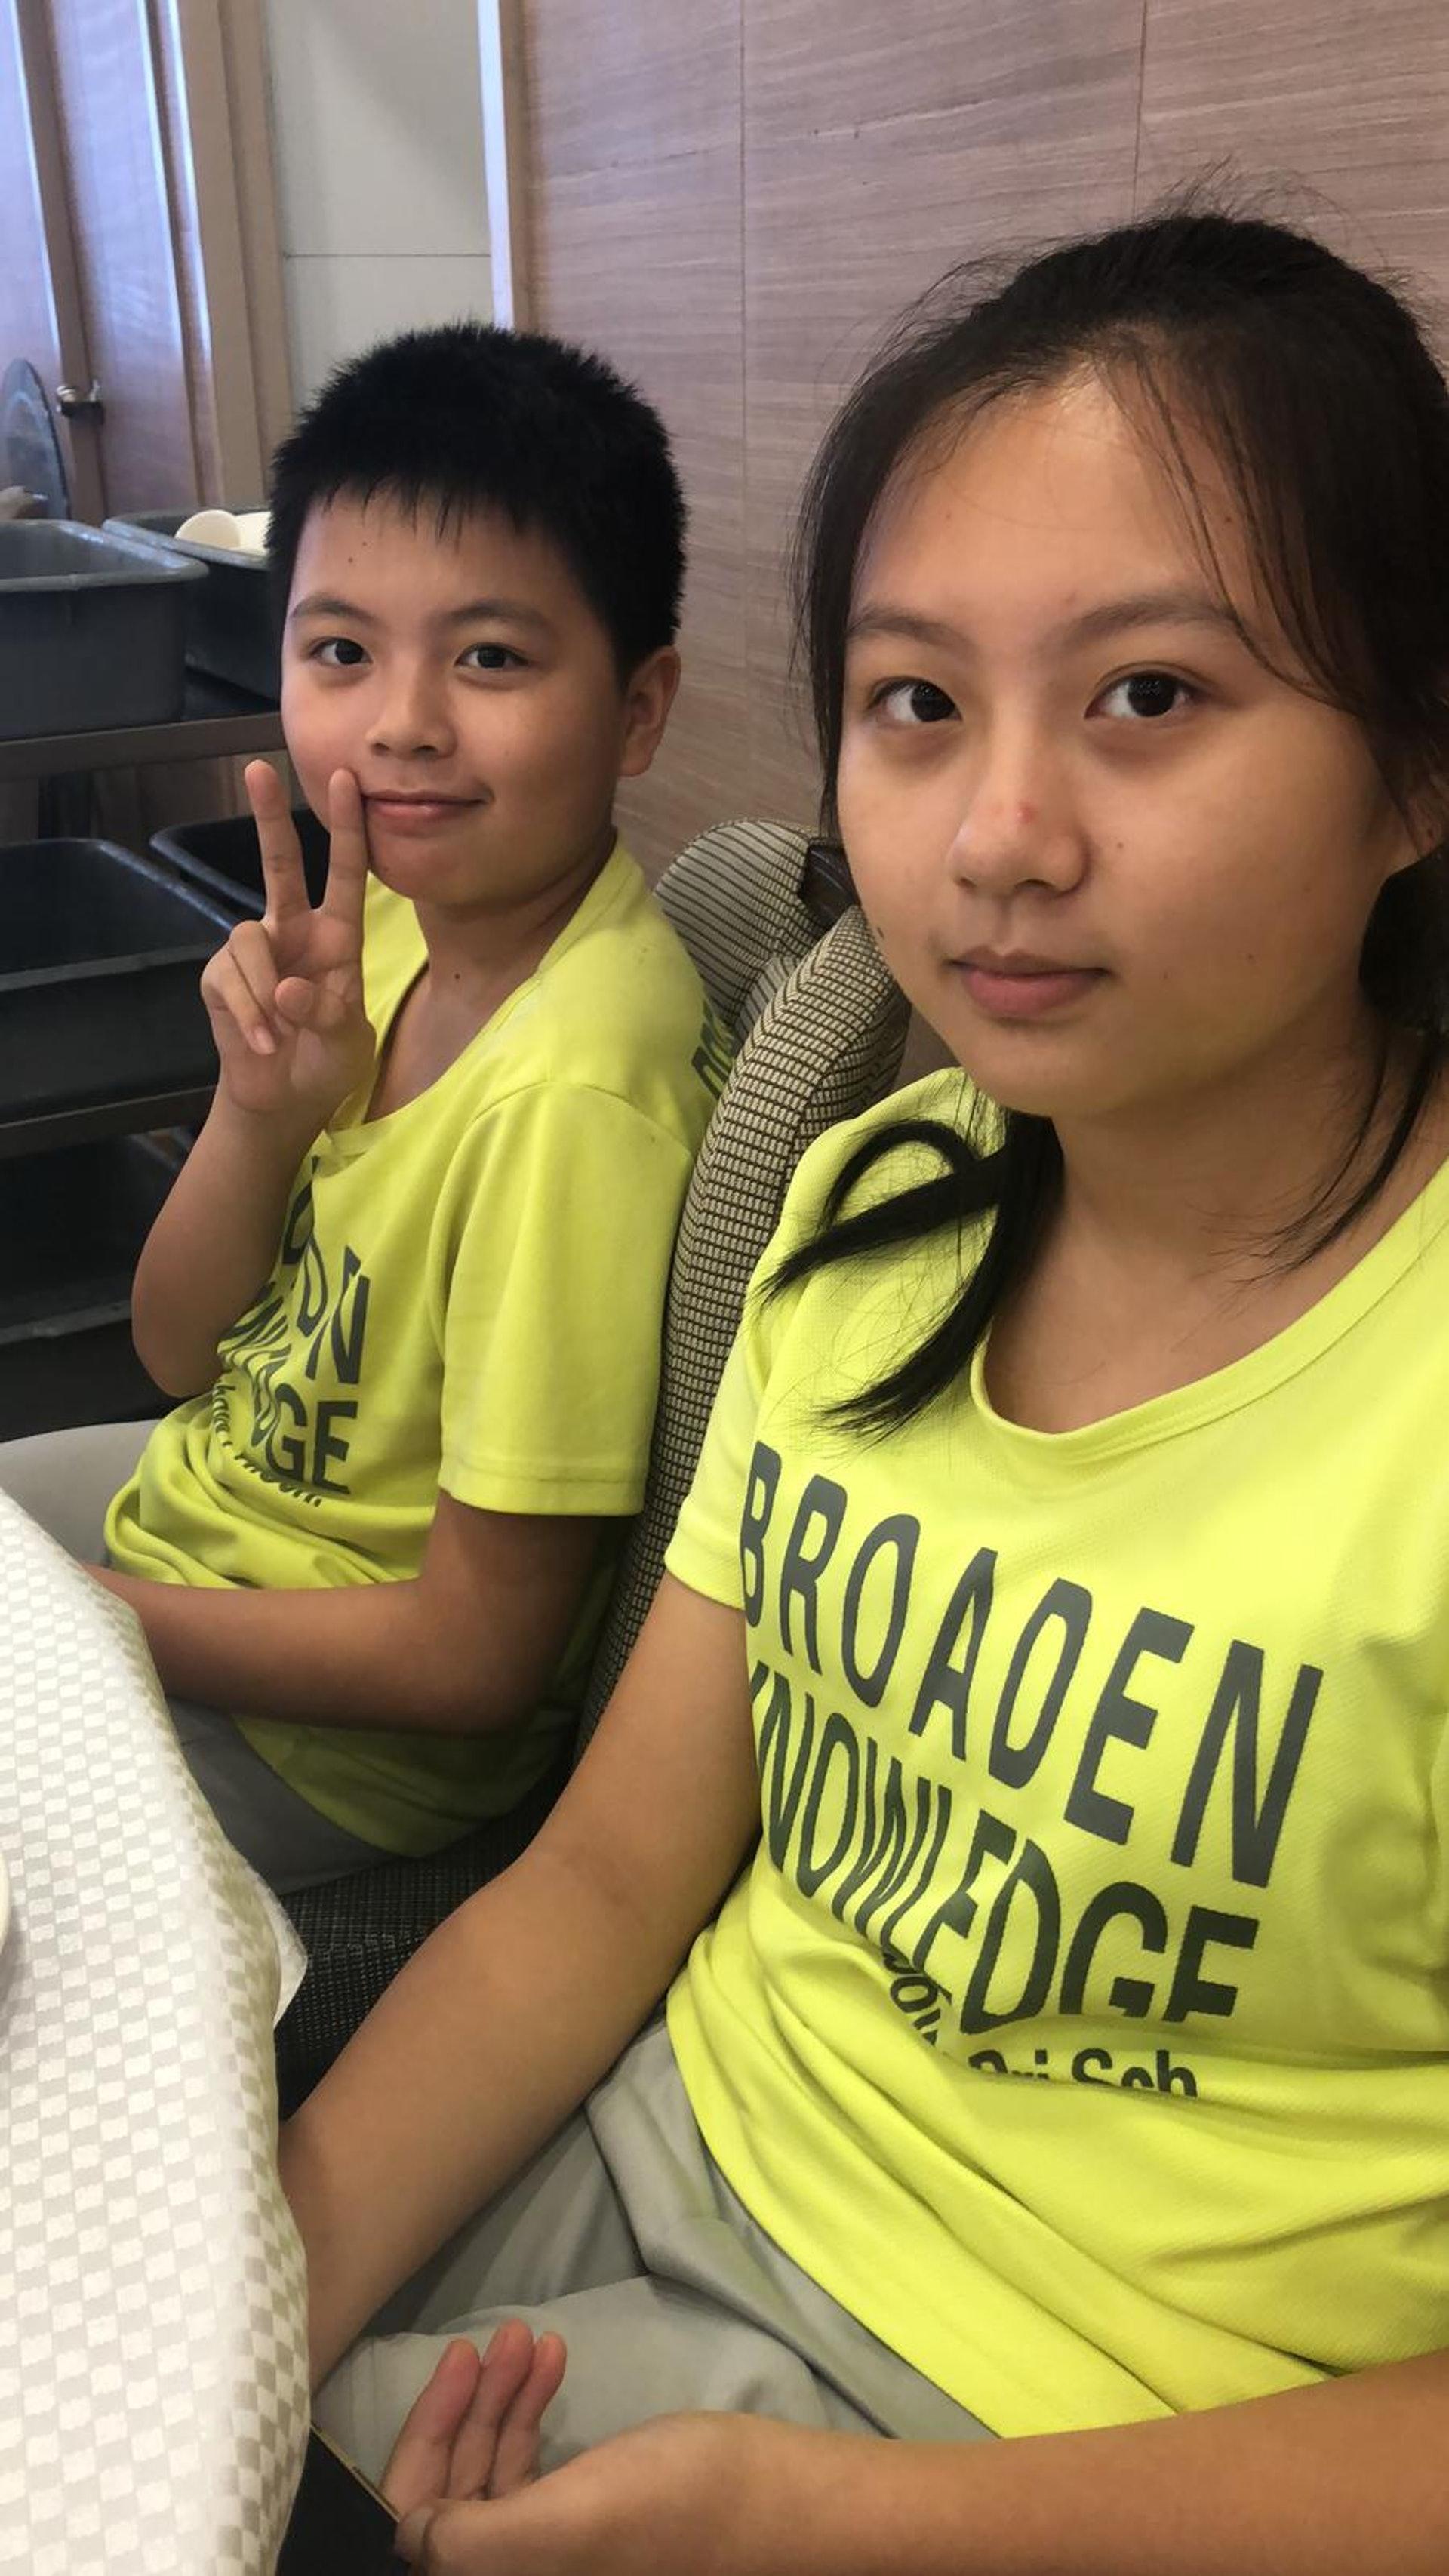 吳老師擔心一對小姊弟的安危,昨日將他們帶回自己家中代為照顧。